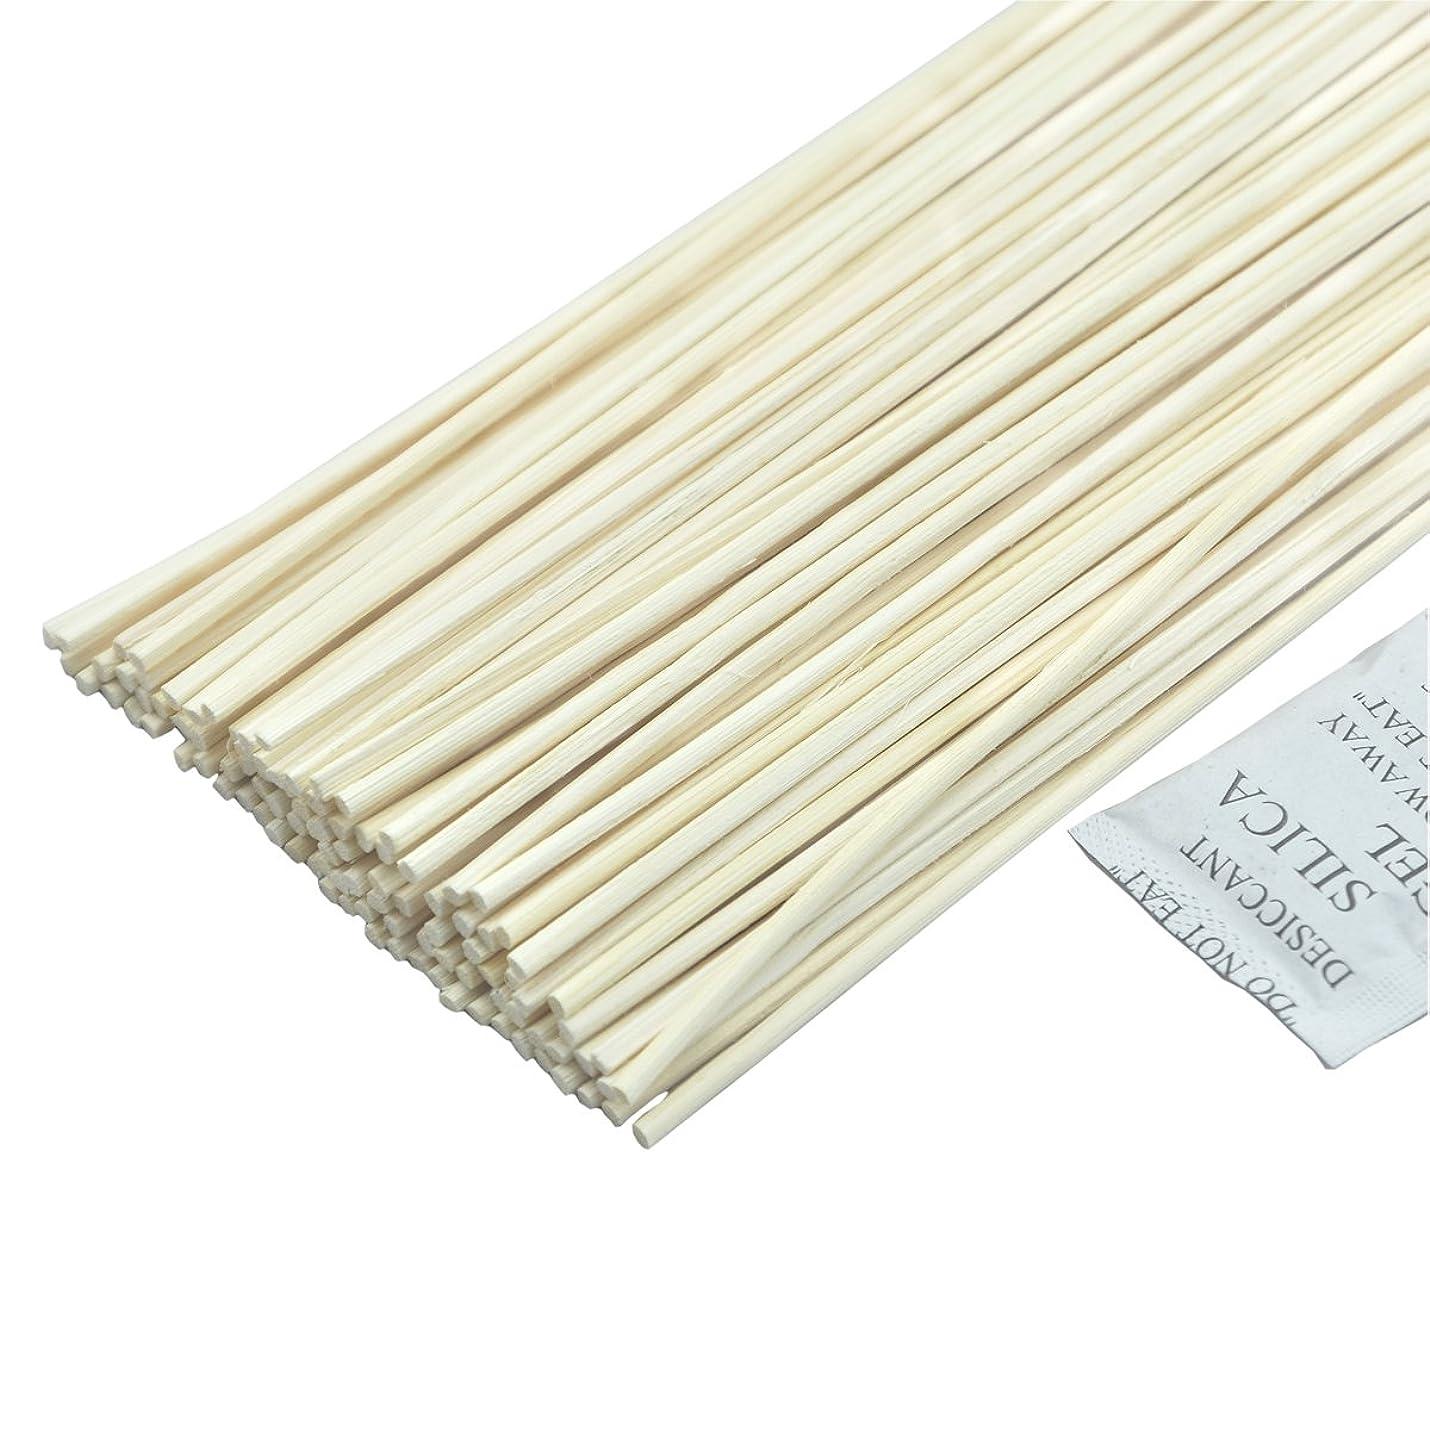 慢性的相互接続一定100本入ナチュラルカラー 籐のリードアロマディフューザーの交換用スティック (30cmx3mm)